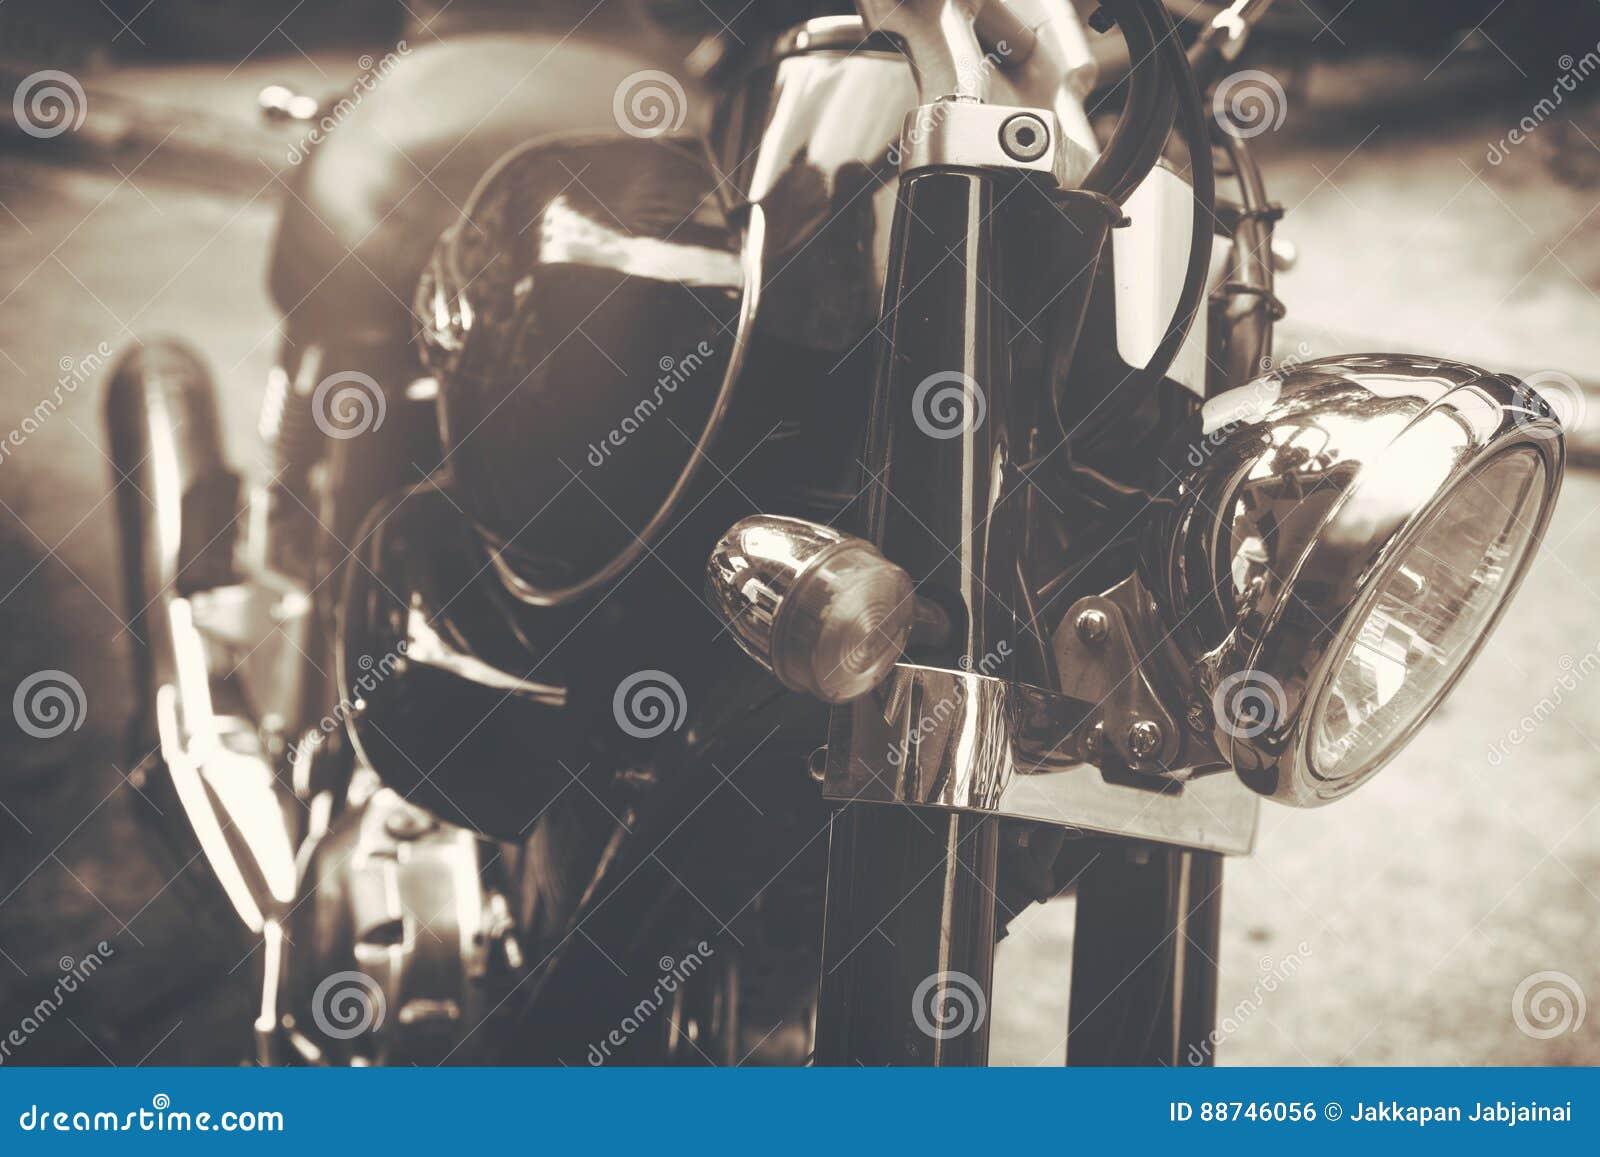 Motocicletas Clásicas Viejas Del Vintage Foto de archivo - Imagen de ...